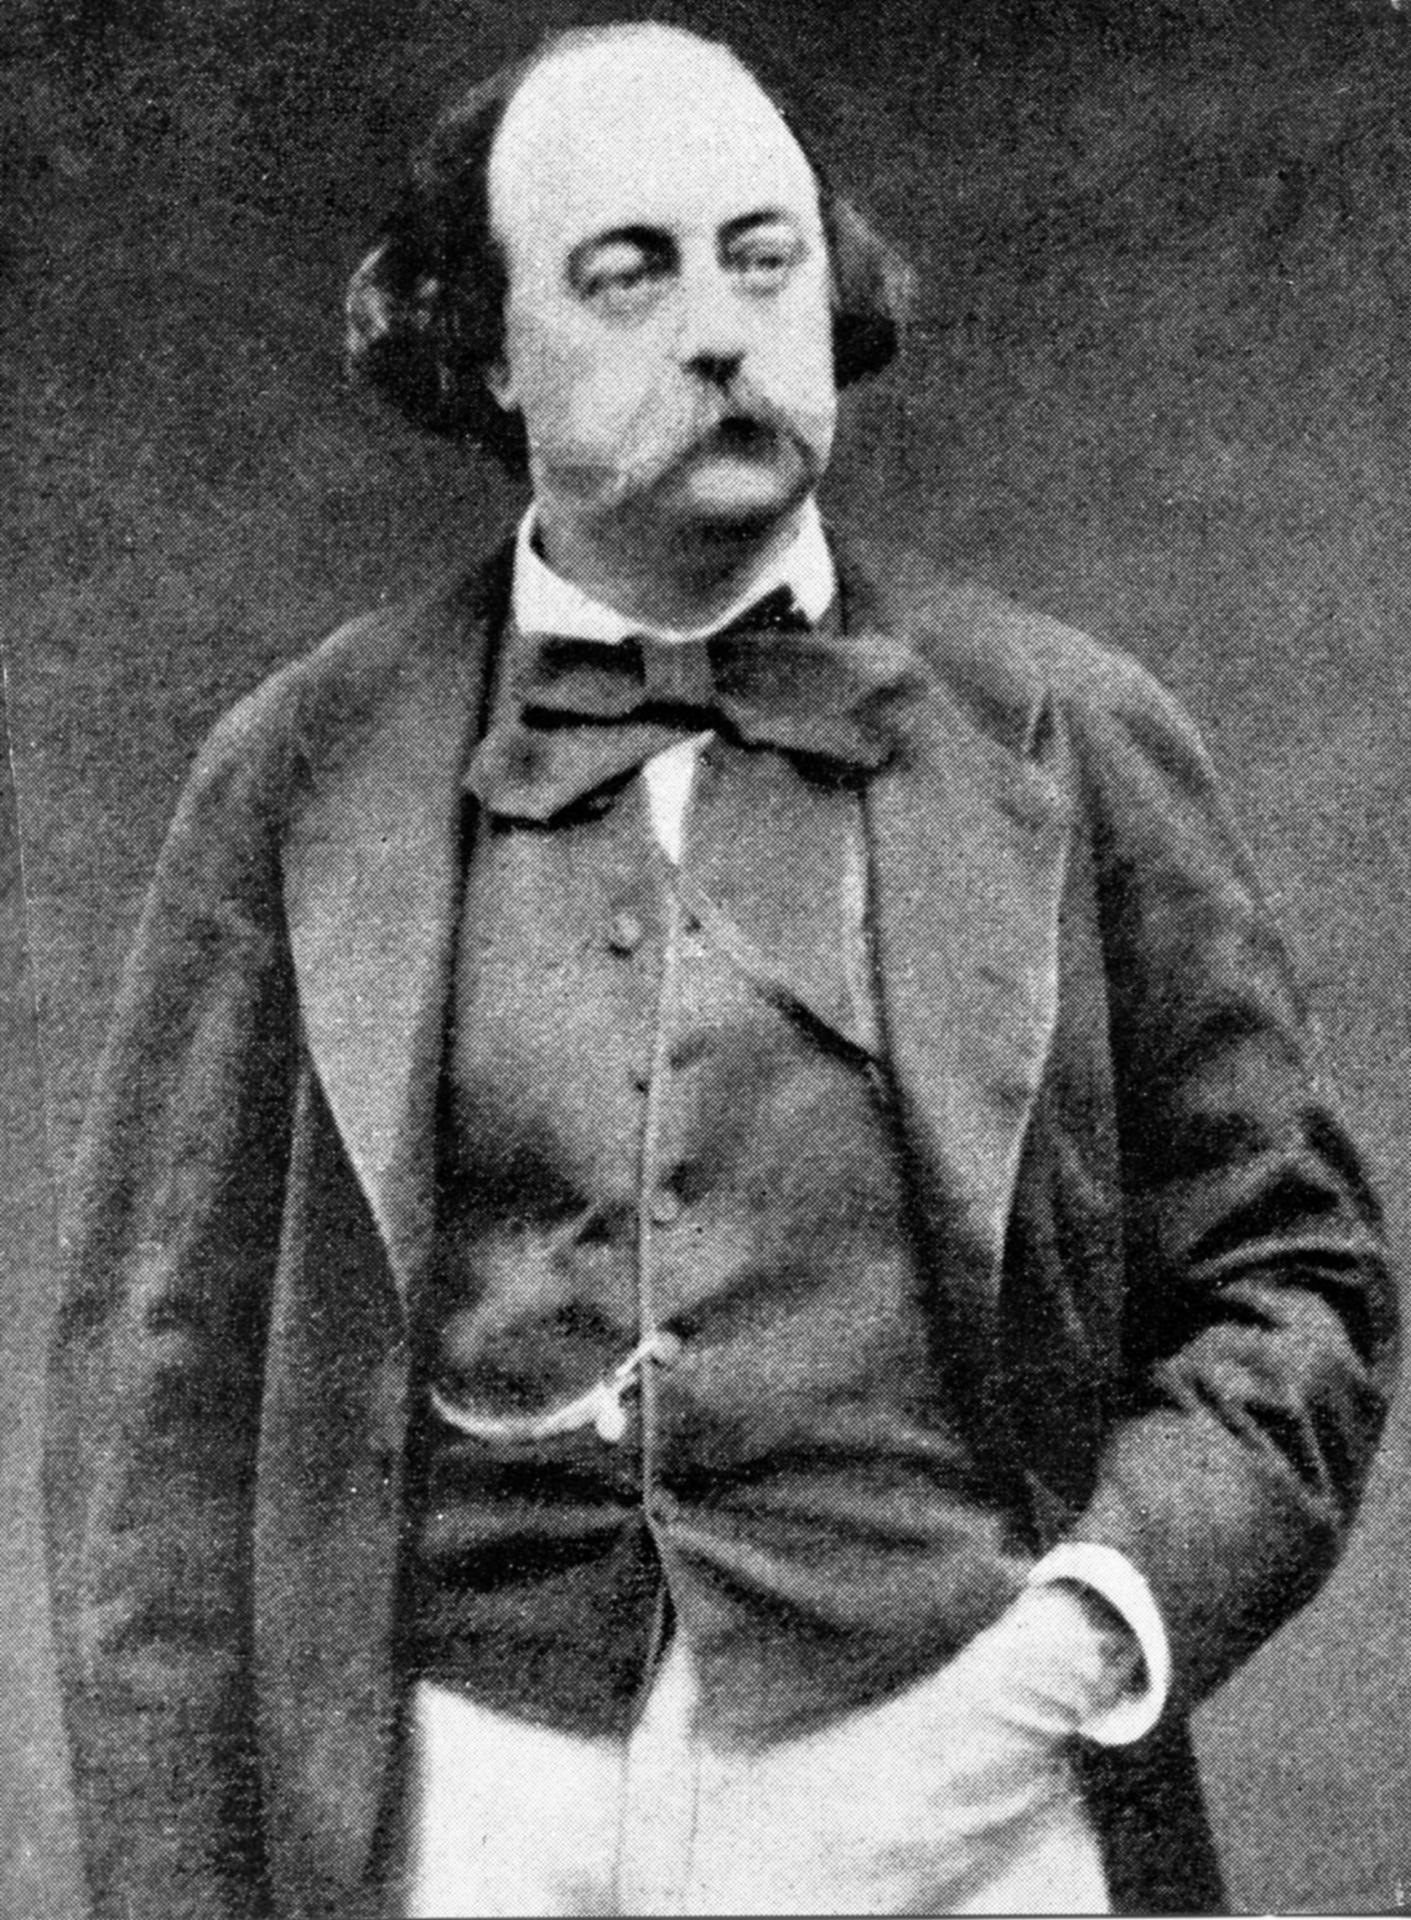 Gustave flaubert2